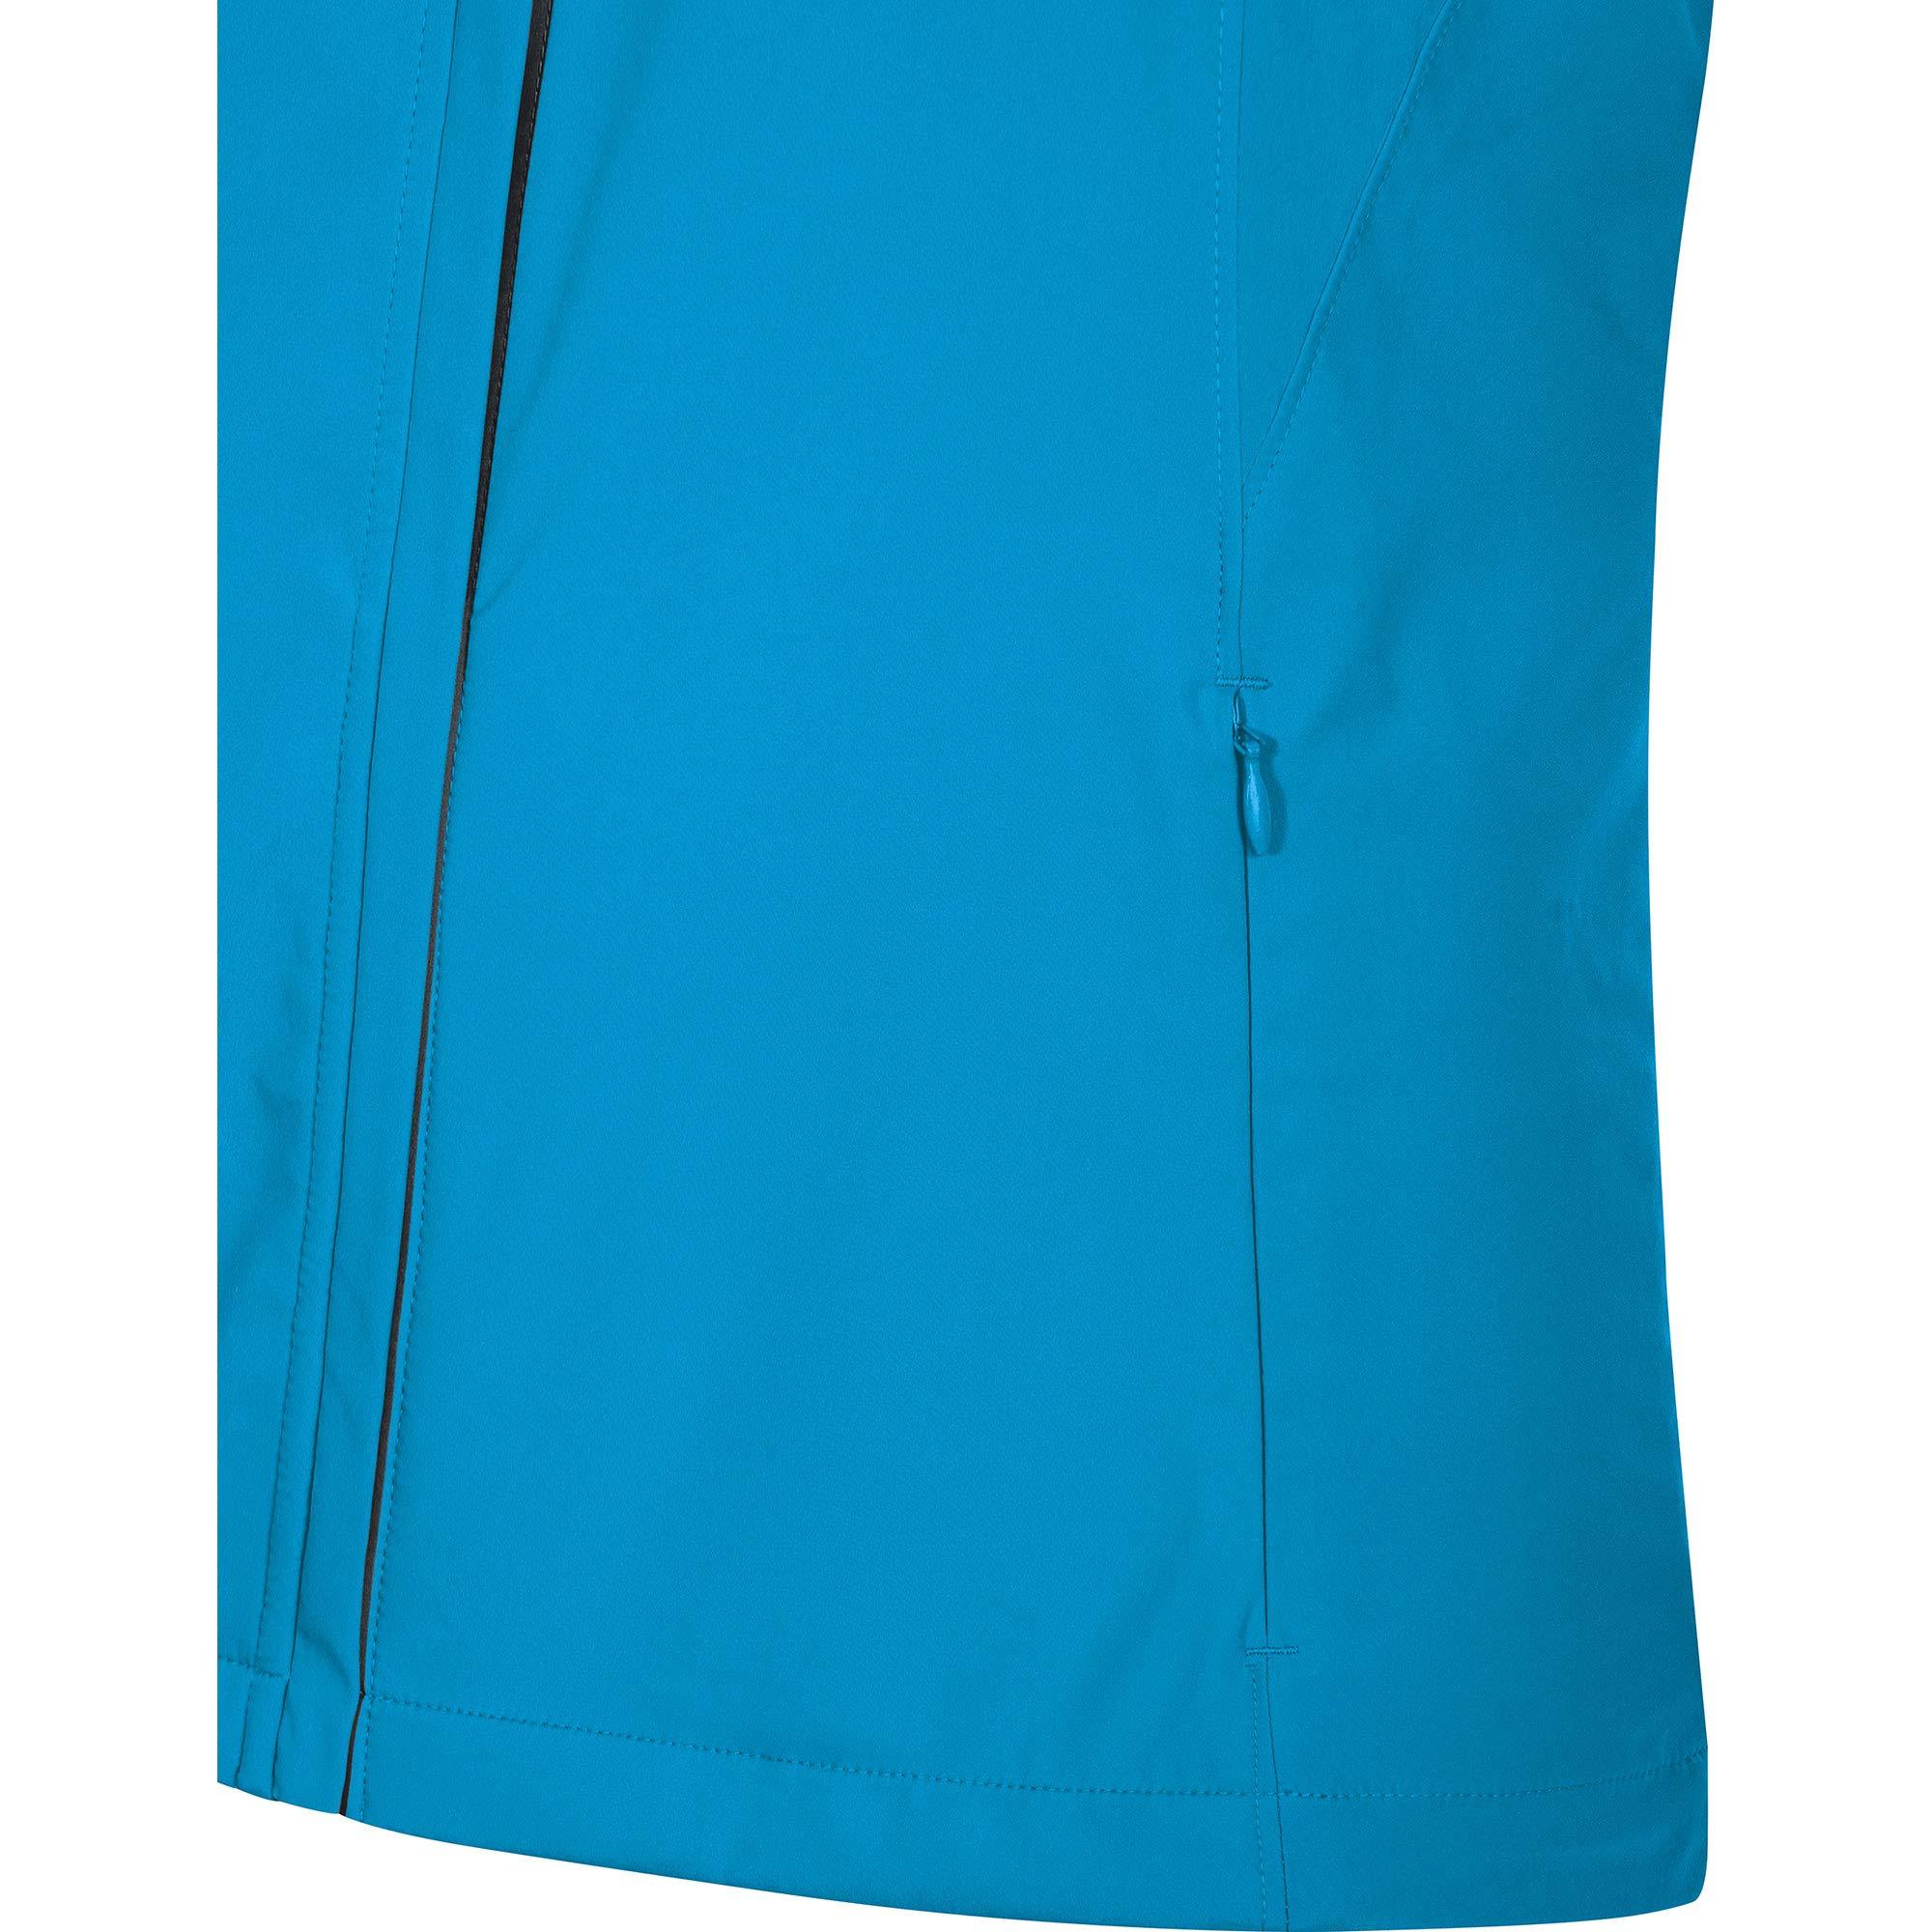 GORE Wear Women's Windproof Running Jacket, R3 Women's Partial WINDSTOPPER Jacket, Size: L, Color: Dynamic Cyan, 100081 by GORE WEAR (Image #6)